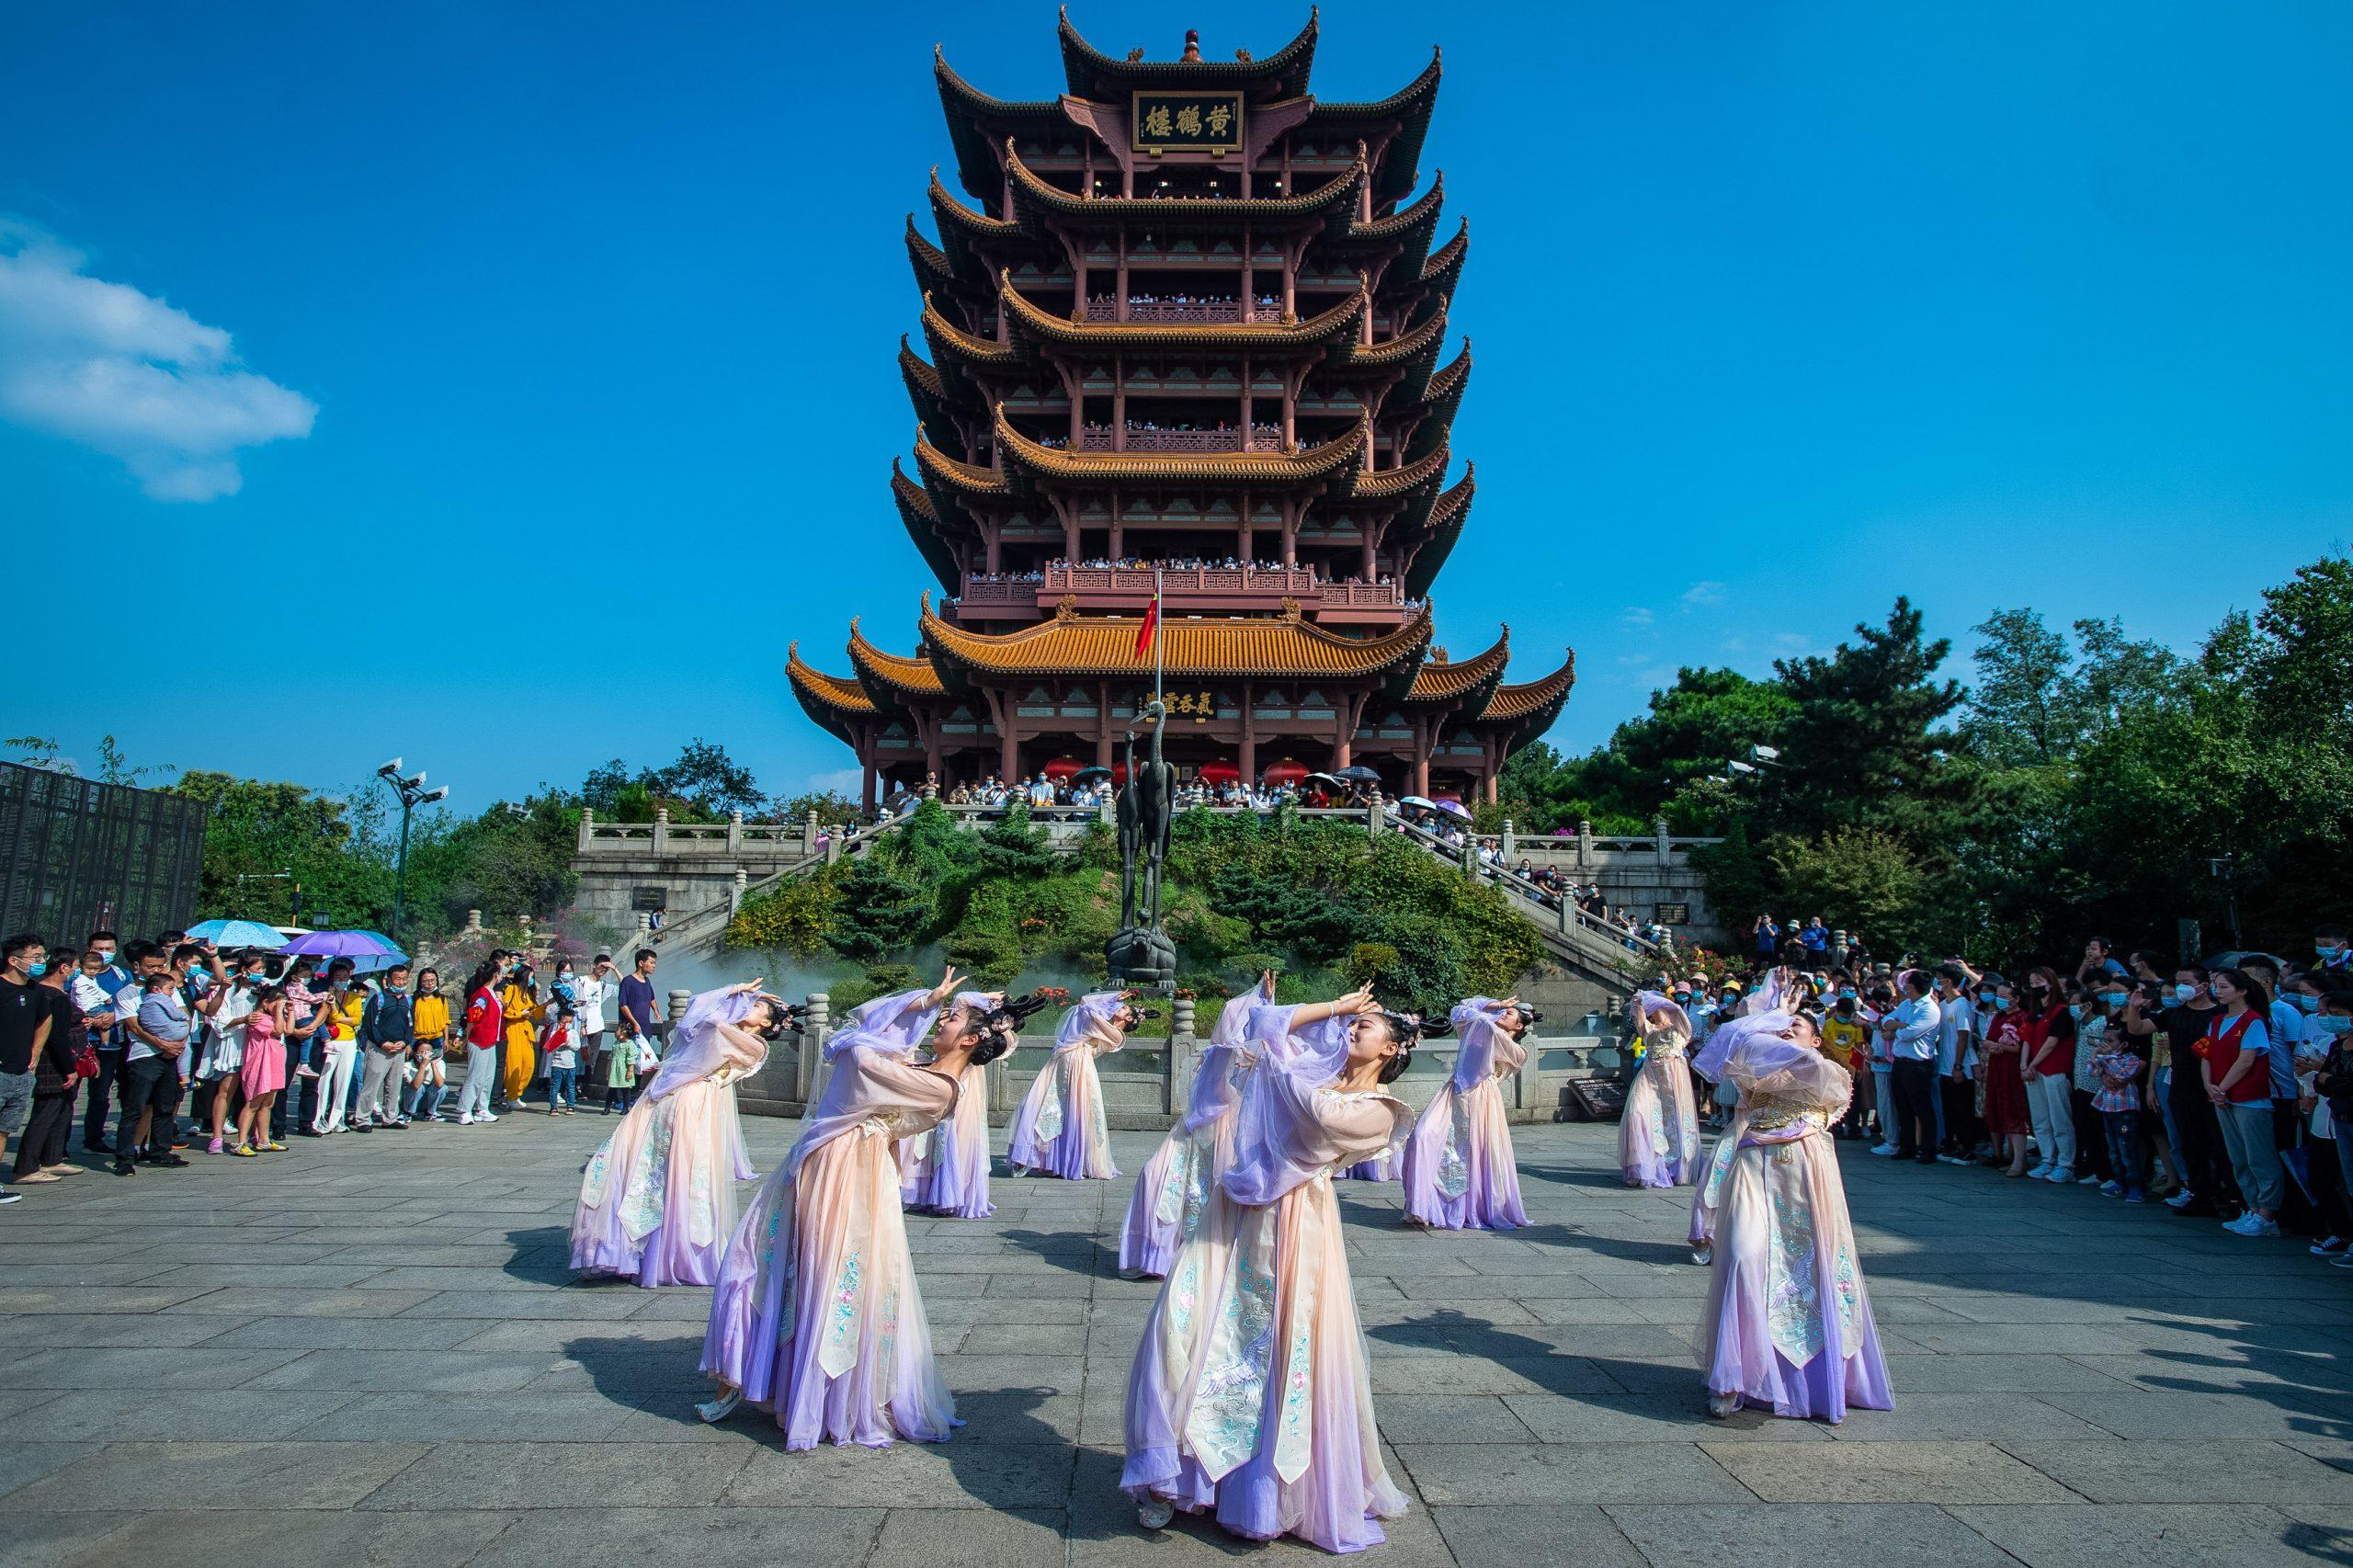 Provincia china de Hubei registra auge turístico durante vacaciones por Día Nacional